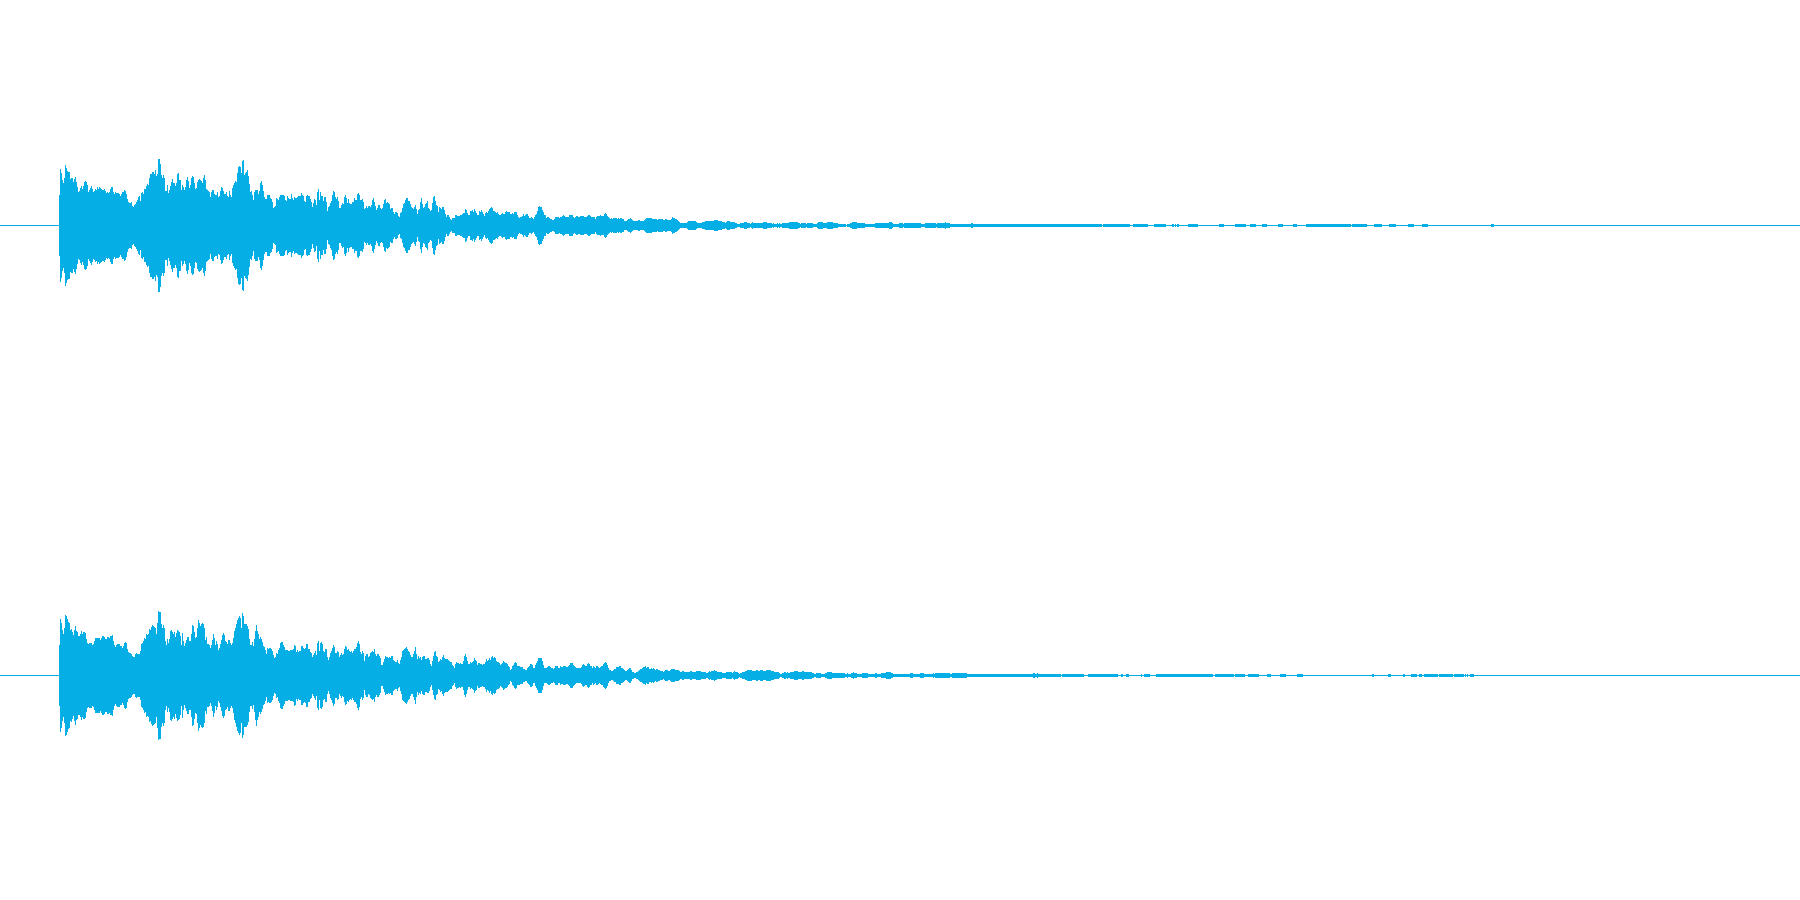 【ひらめき09-2】の再生済みの波形